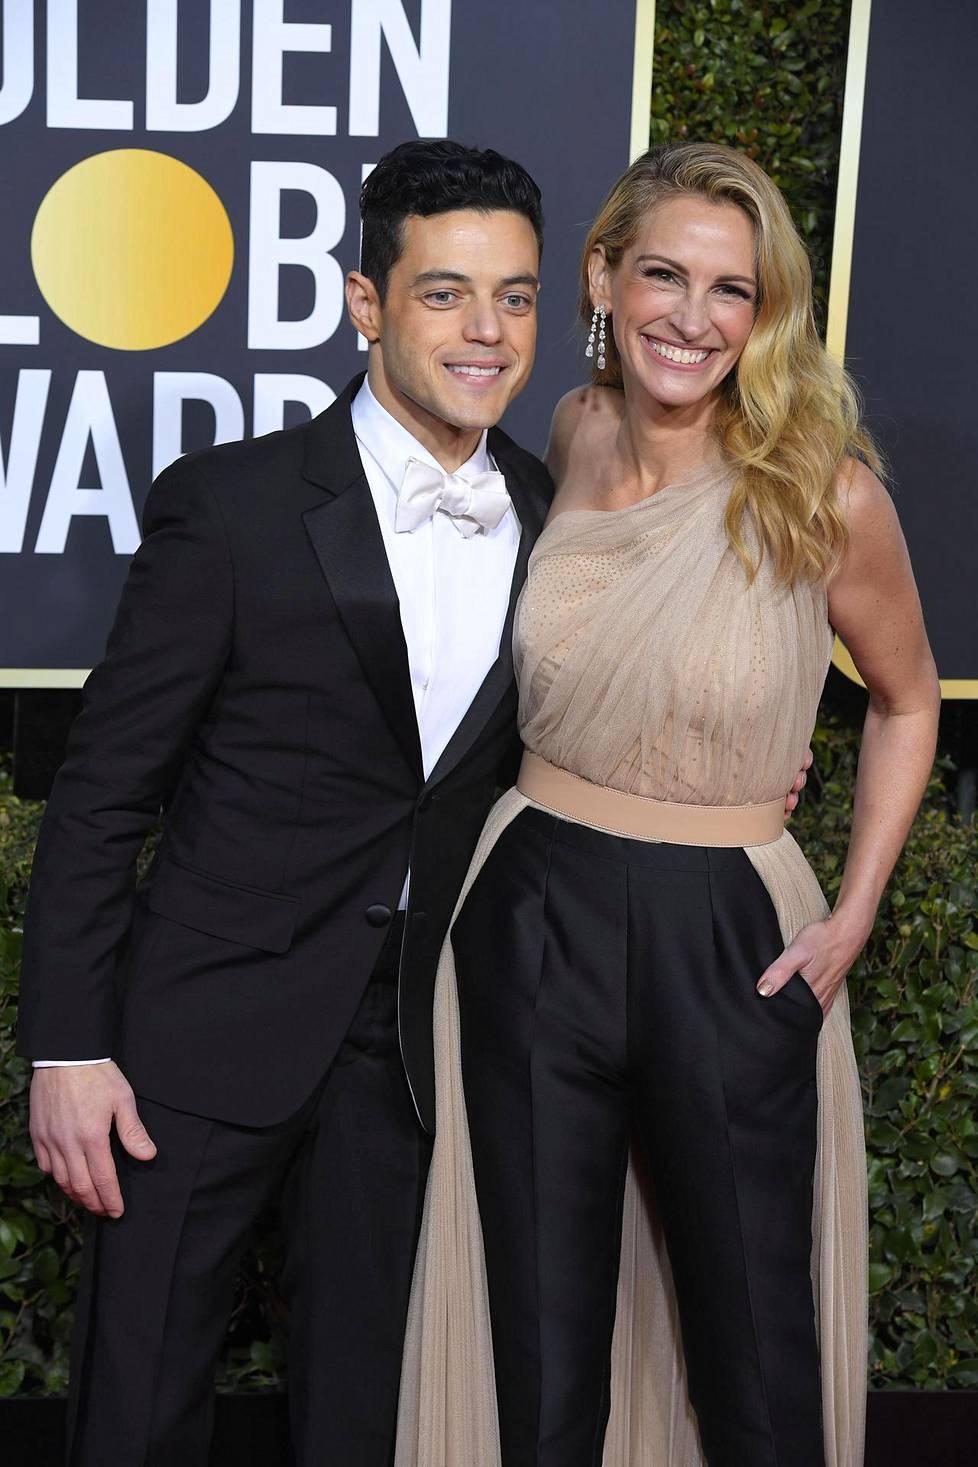 Parhaan näyttelijän palkinnon draamaelokuvasta voittanut Rami Malek kollegansa Julia Robertsin kanssa. Roberts valitsi ylleen trendikkään housumallisen luomuksen.